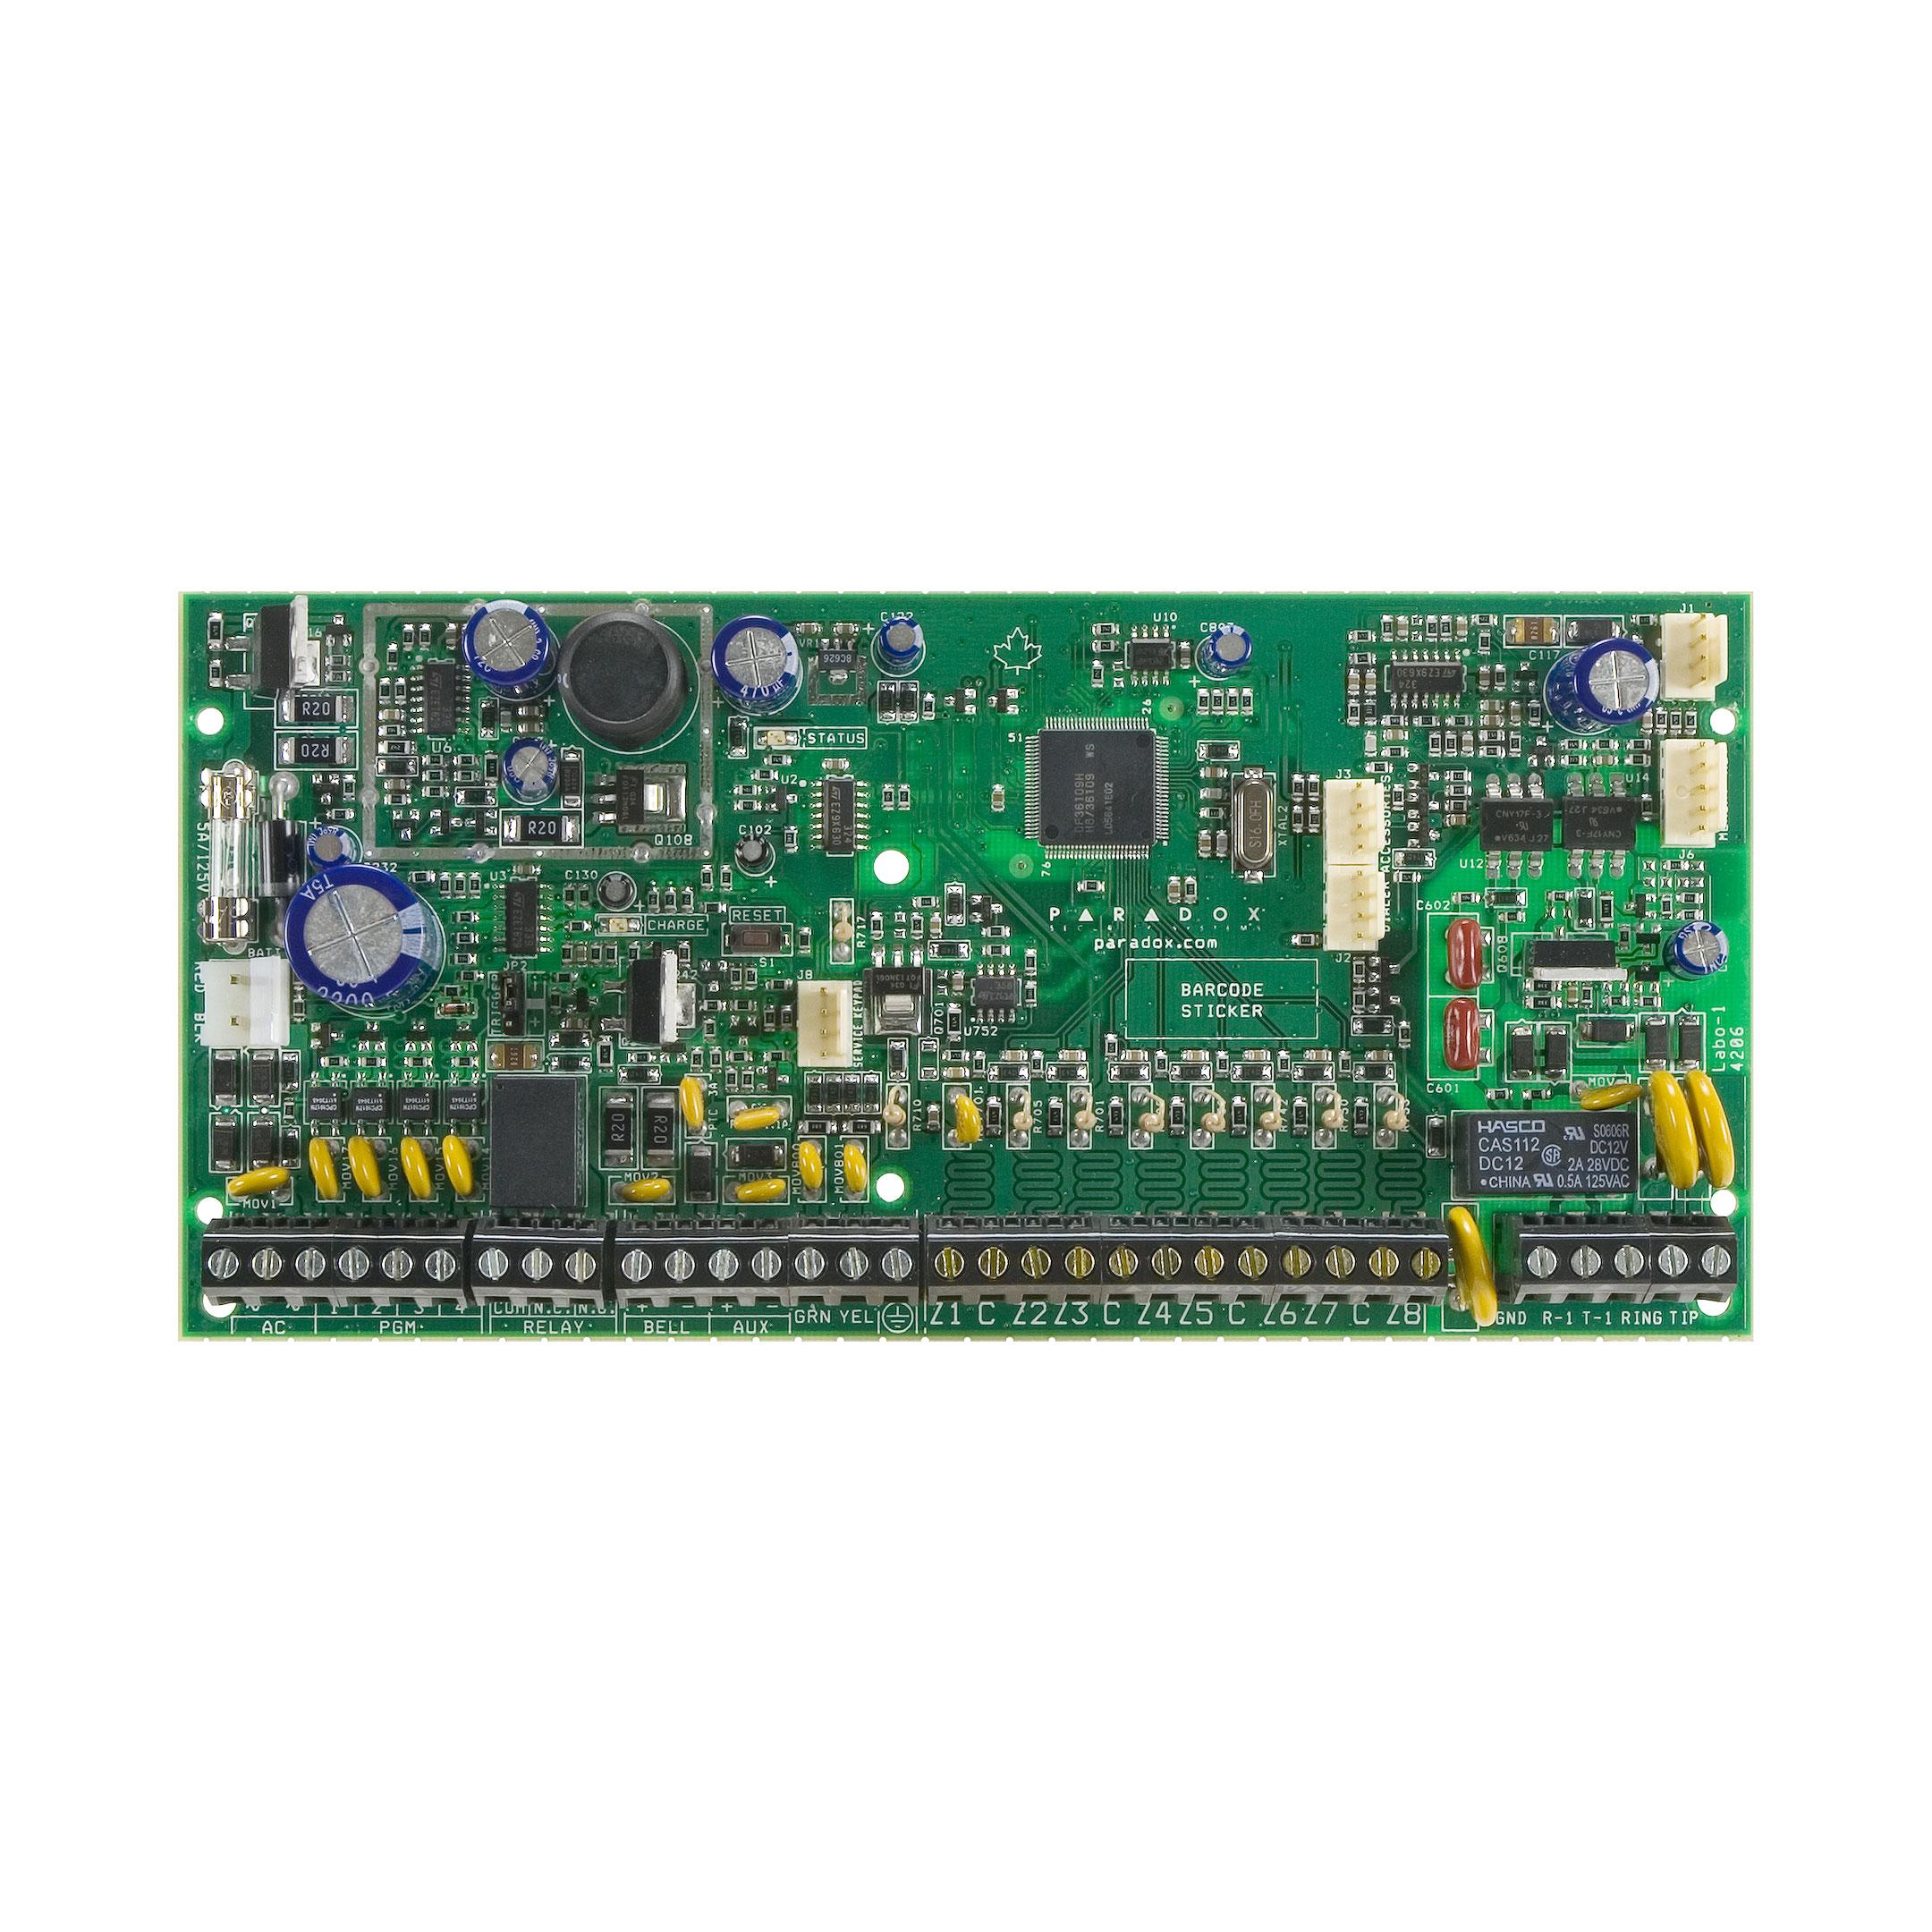 کنترل پنل منطقه 8 تا 32 مدلSP6000 پارادوکس